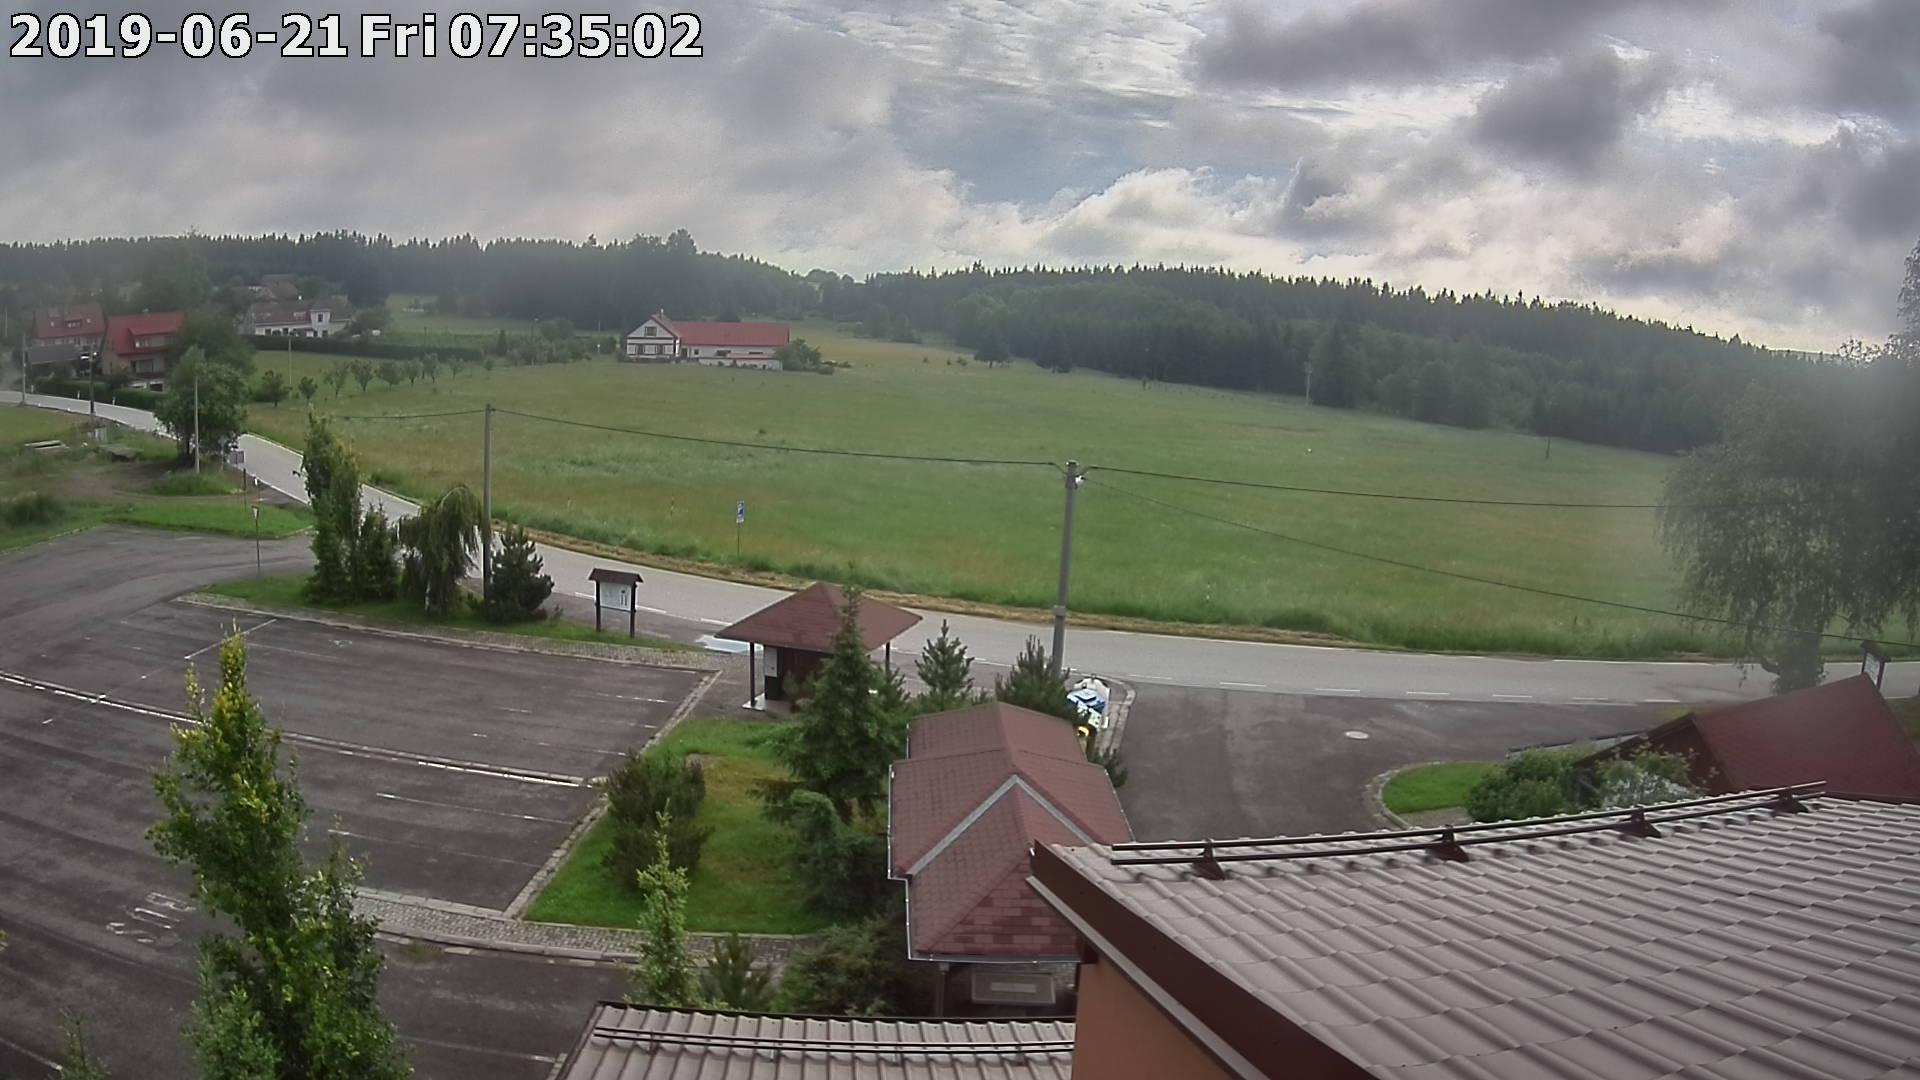 Webkamera ze dne 2019-06-21